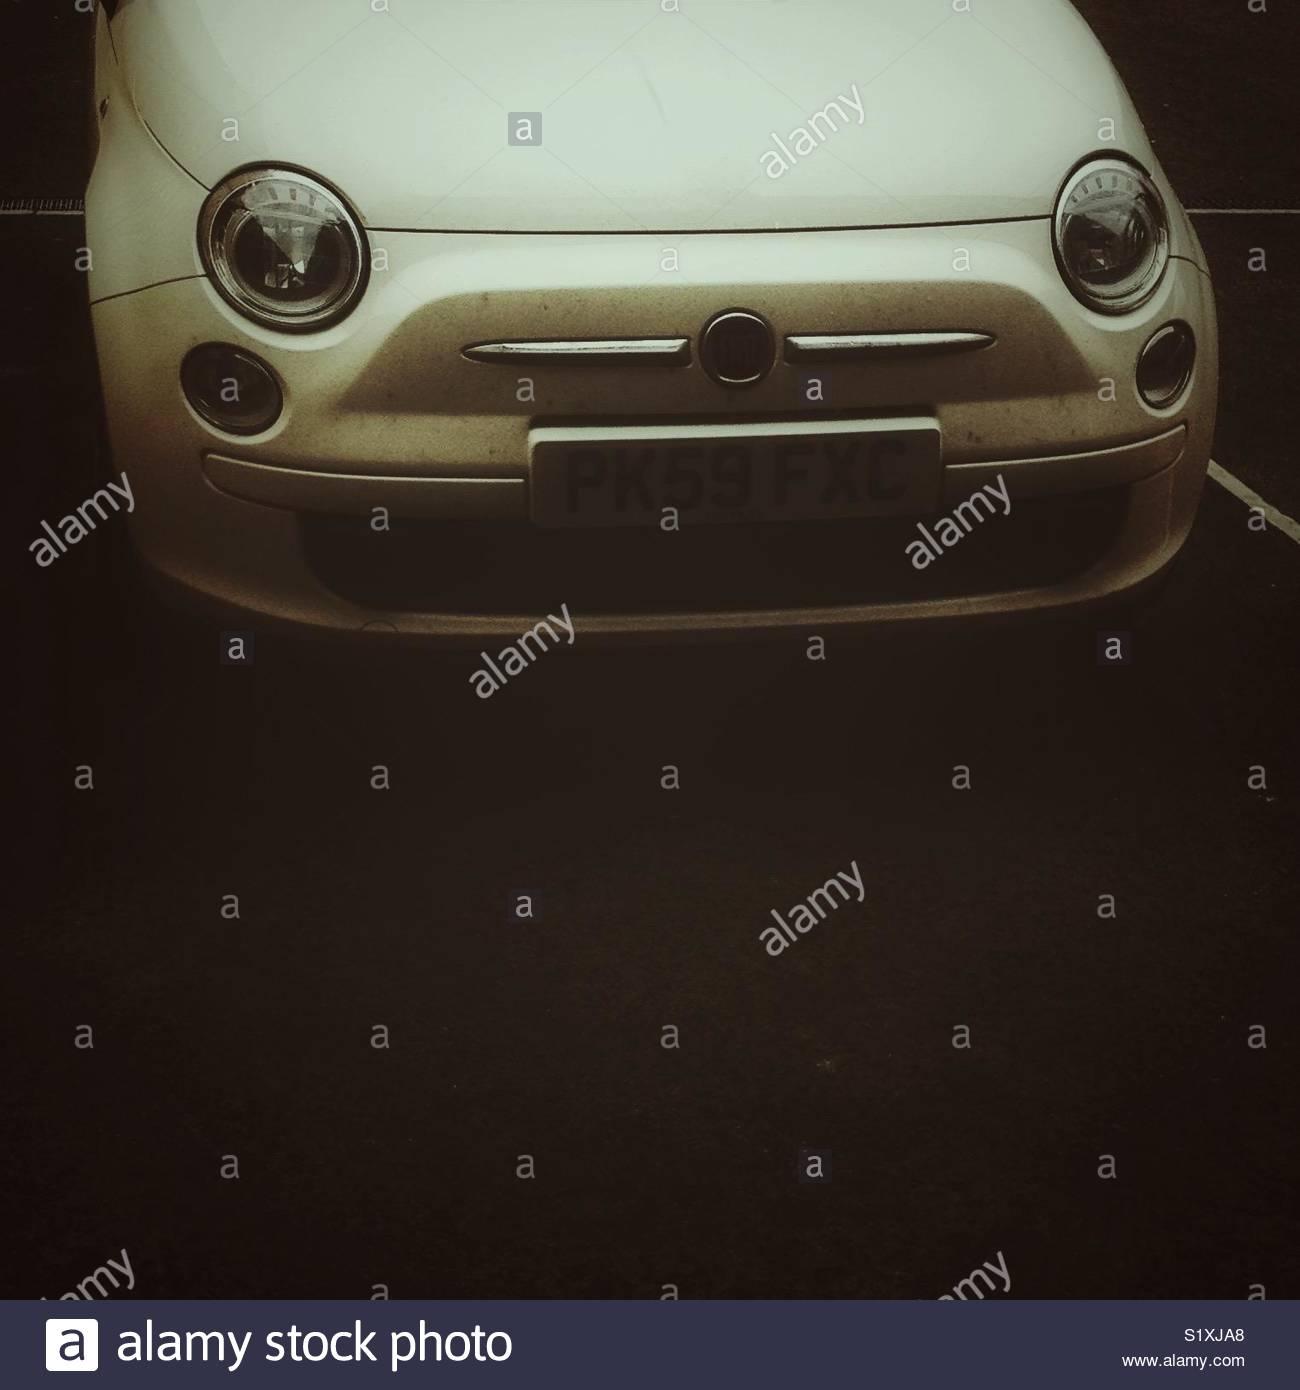 Cerrar el extremo delantero del fiat 500 coche con espacio de copia Imagen De Stock